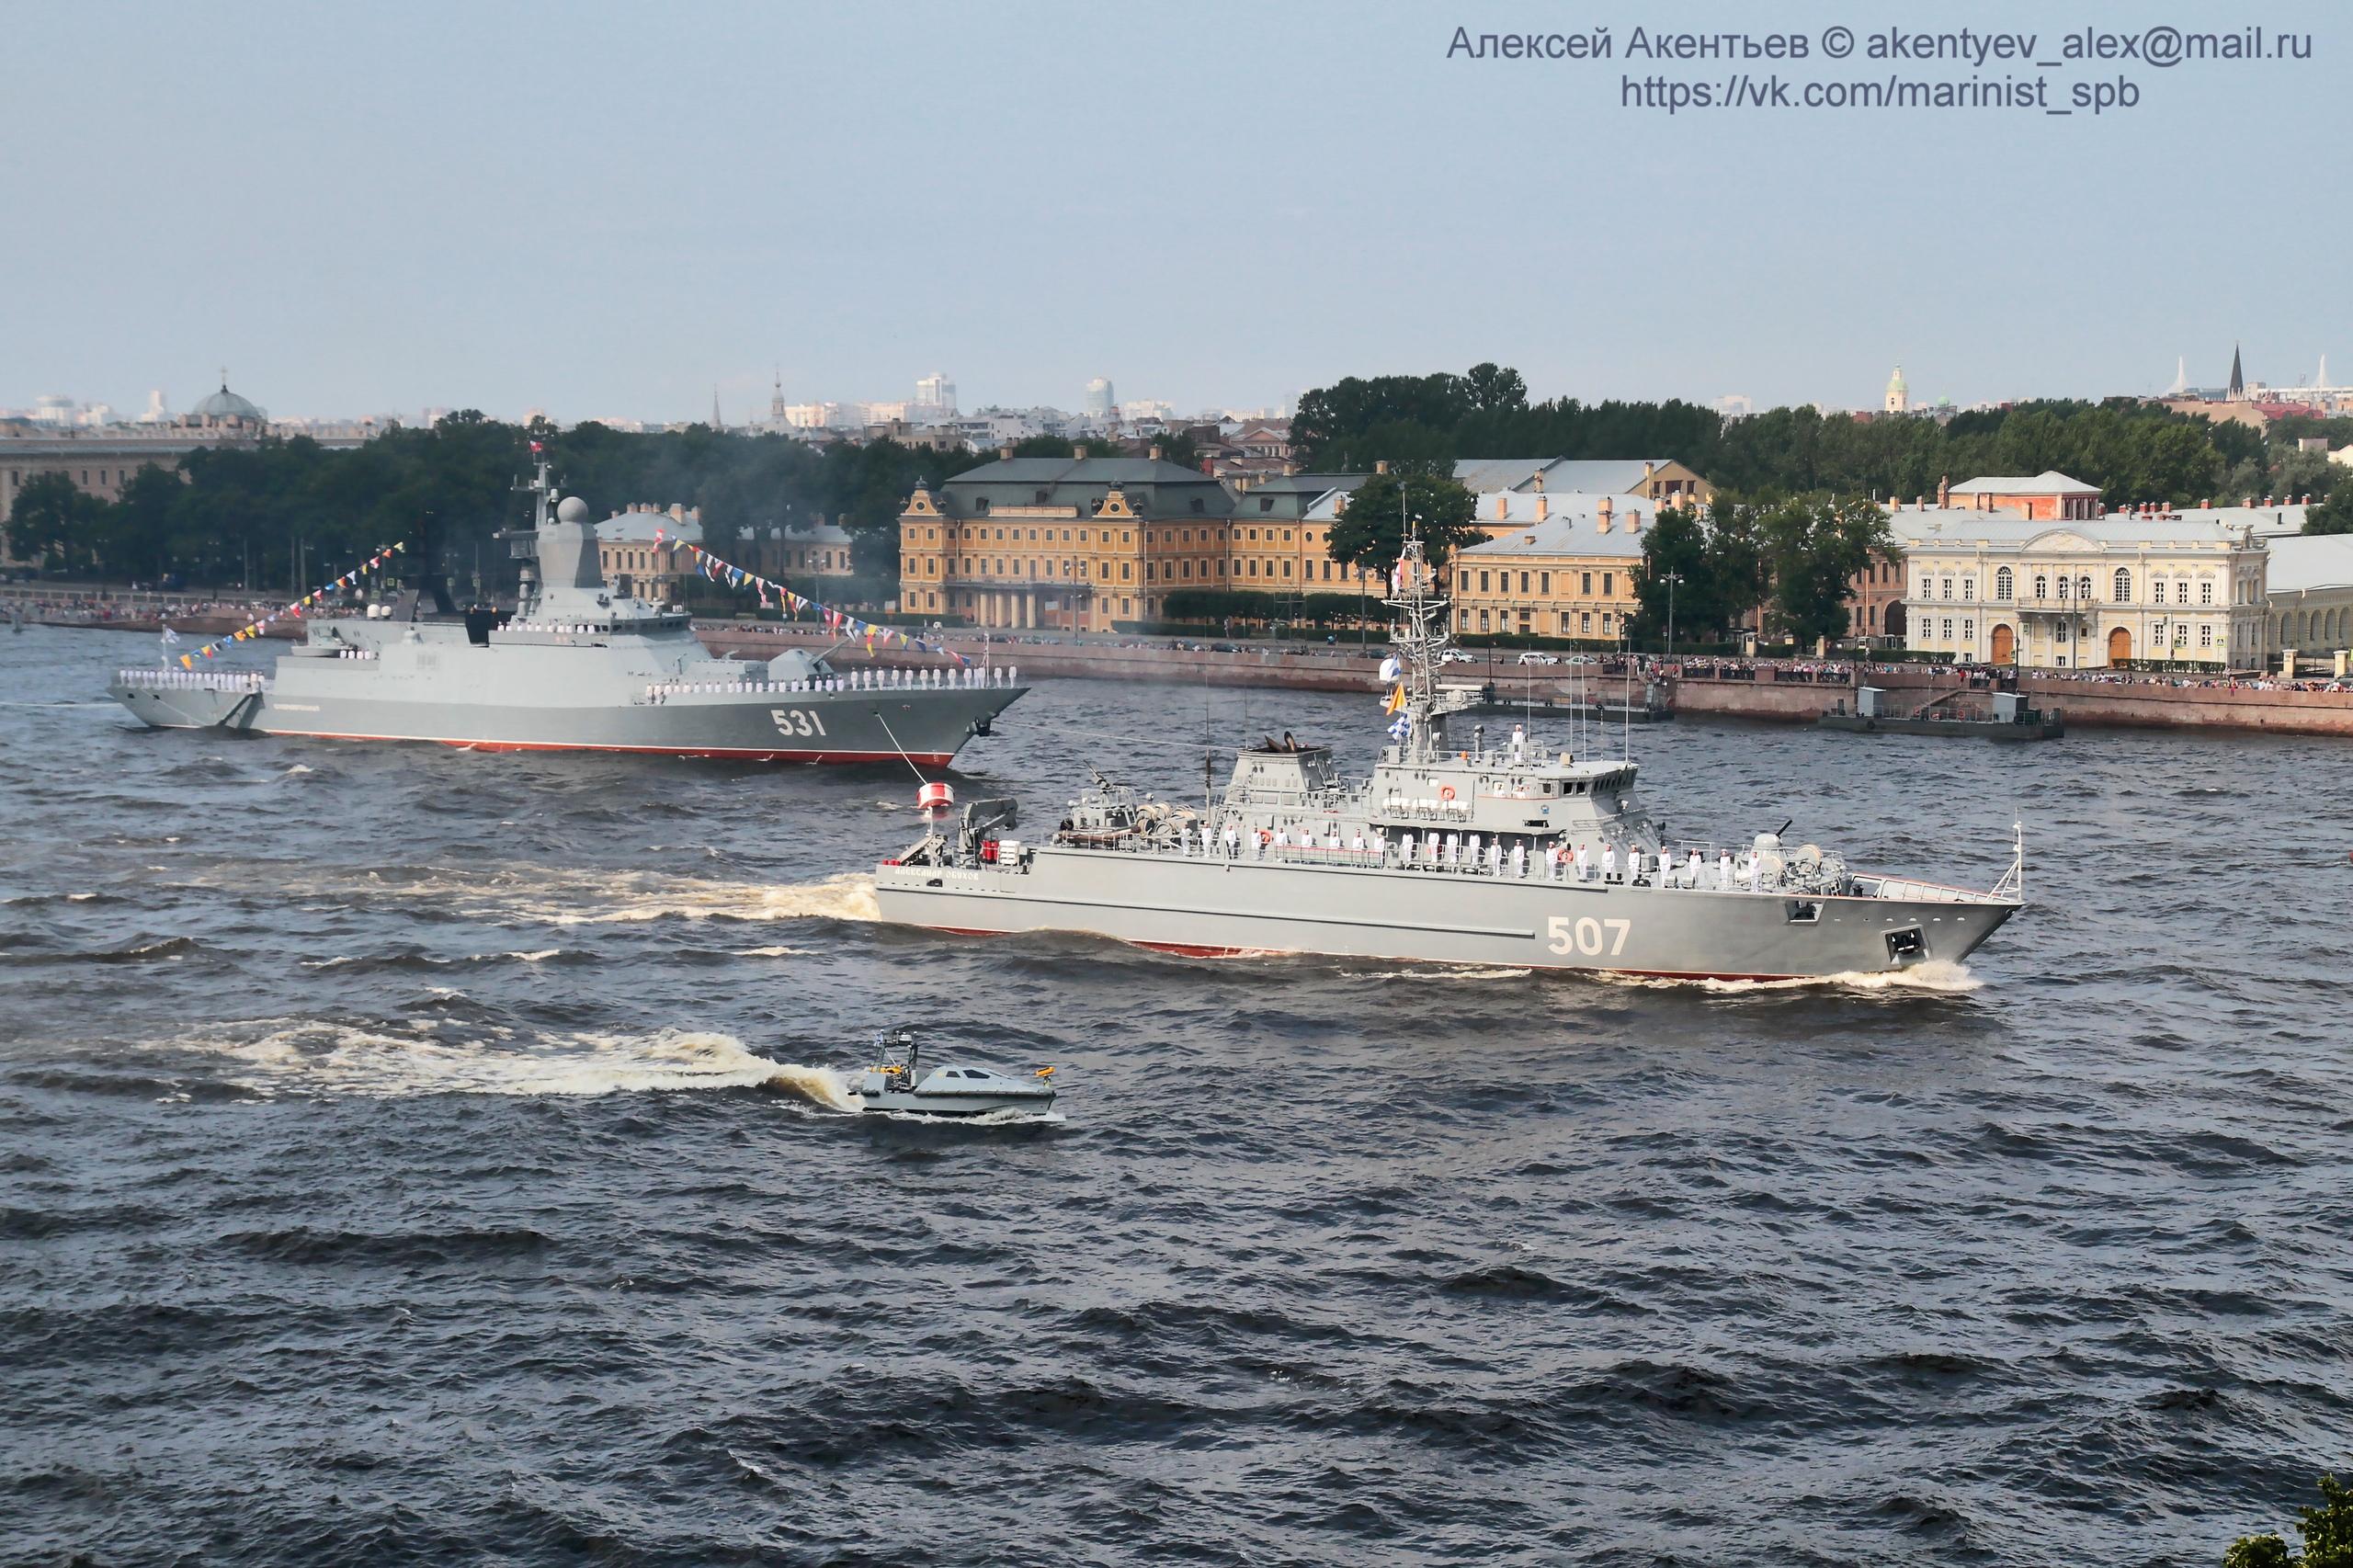 Безэкипажный противоминный катер Inspeсtor Mk 2 на репетиции парада в честь Дня ВМФ России